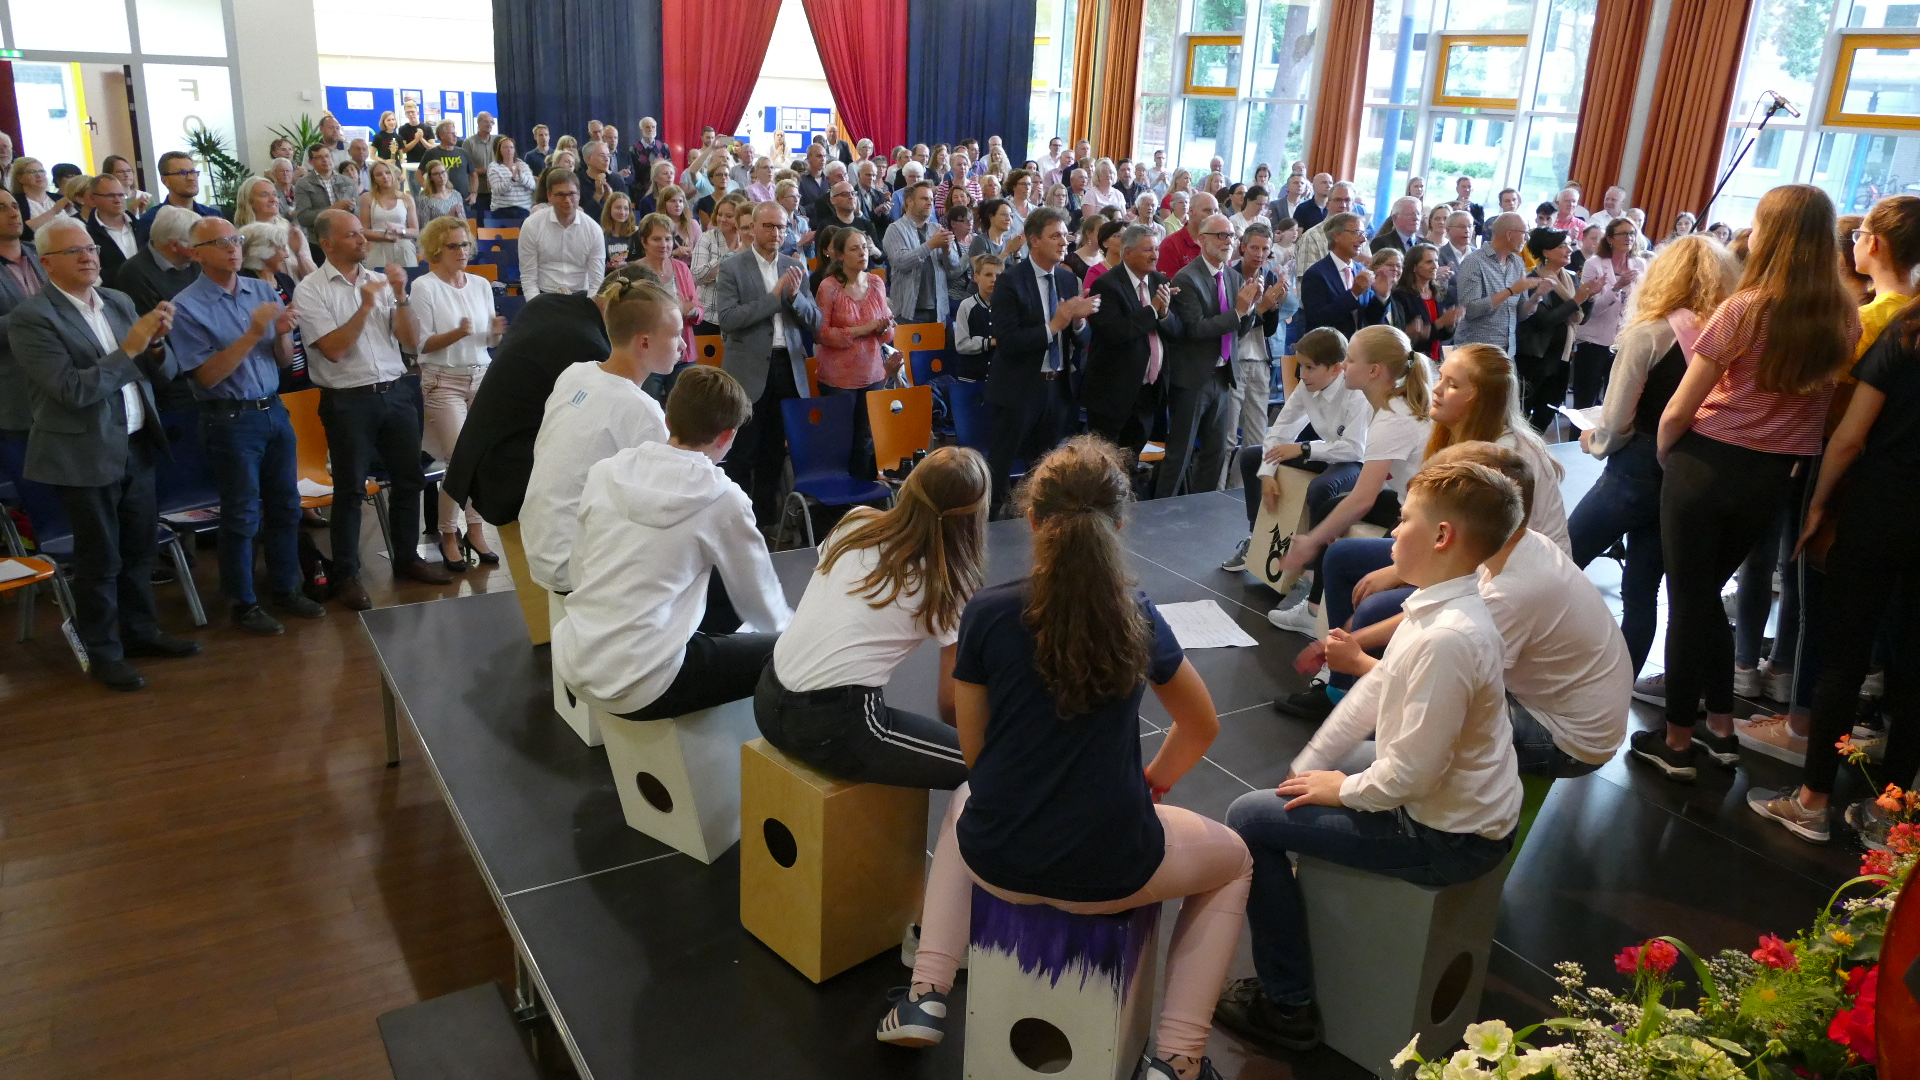 Festliches Sommerkonzert in vollbesetzter Aula des Georgianum begeistert